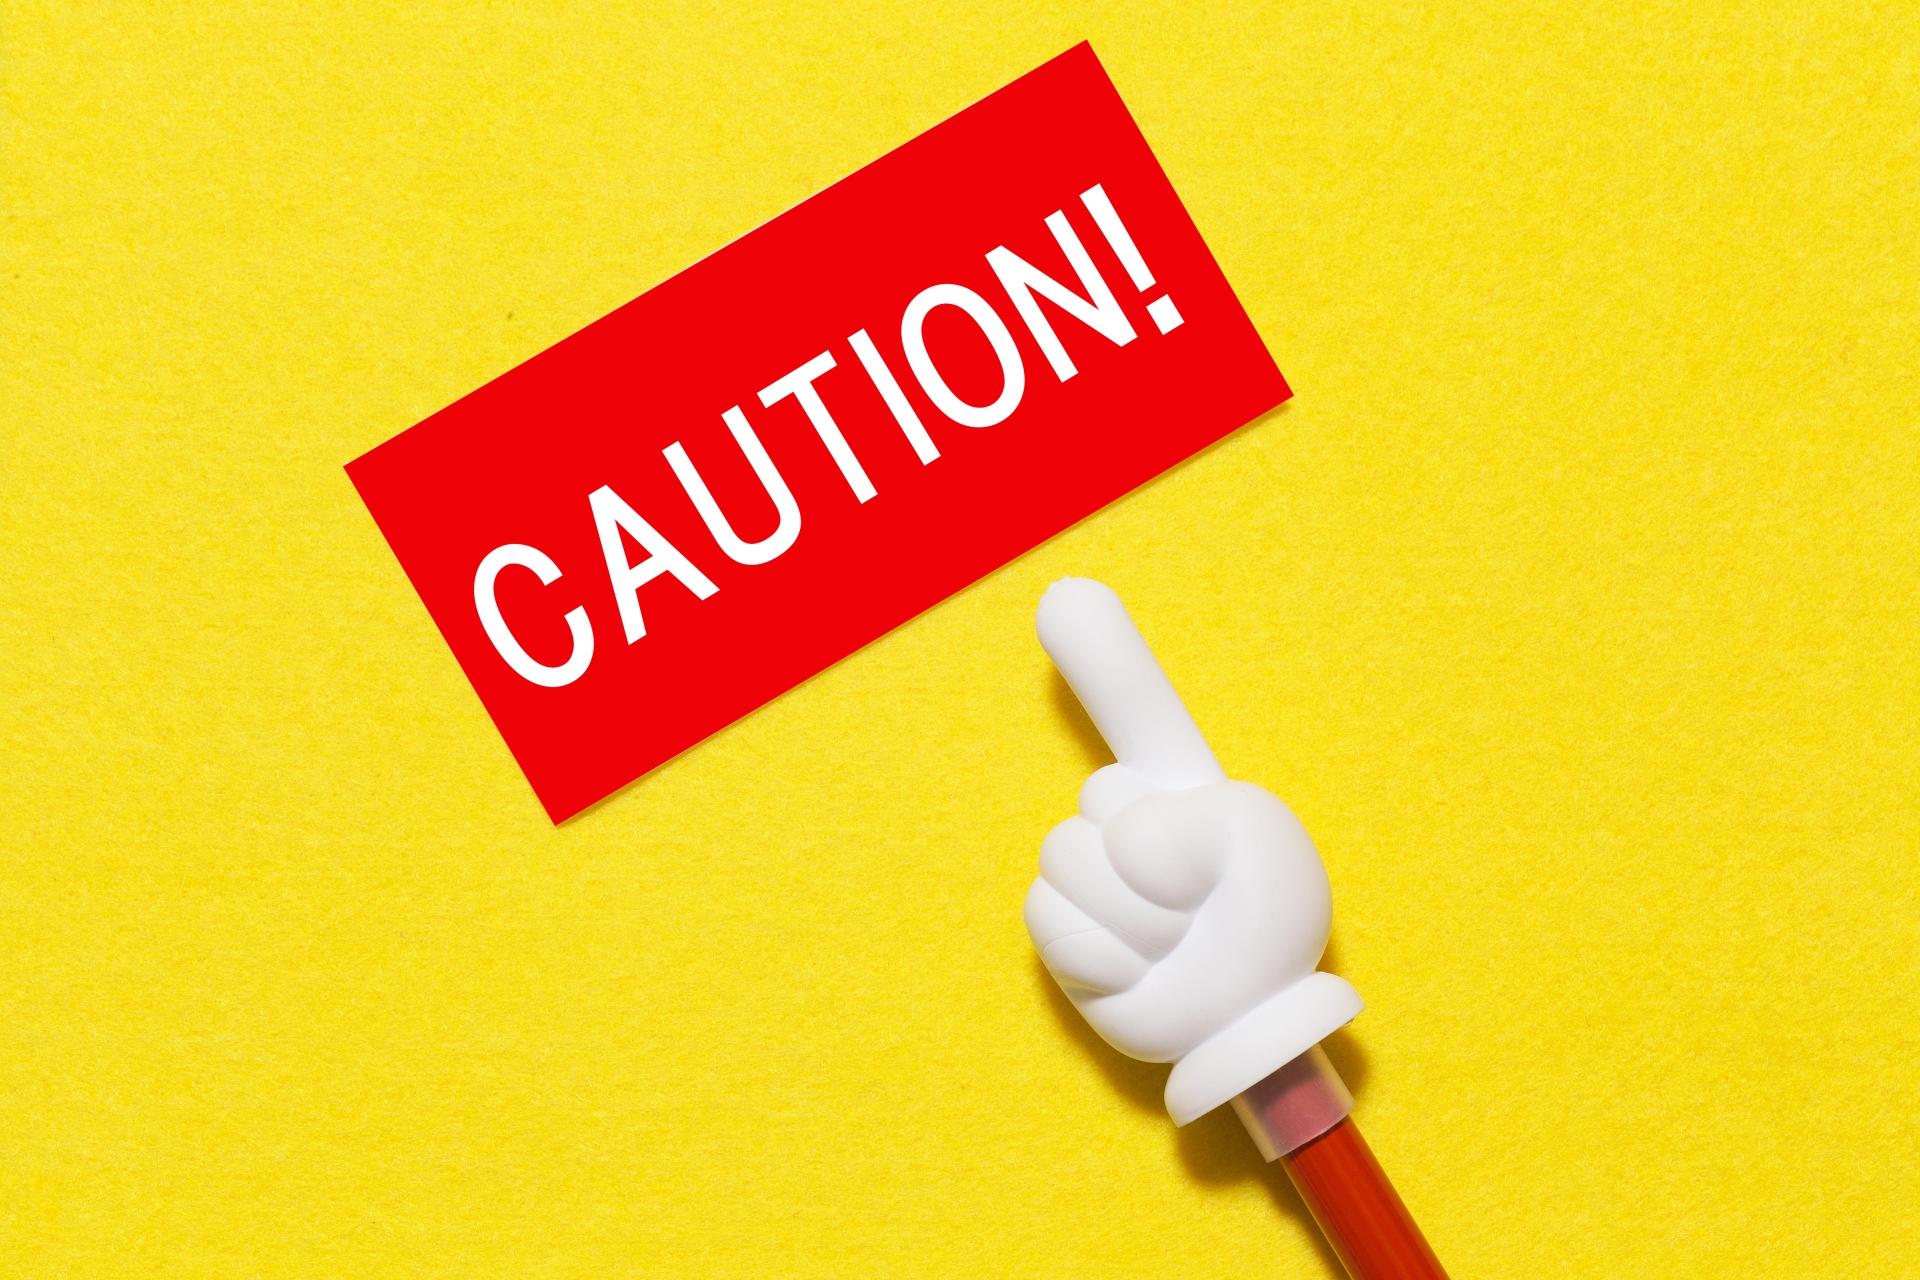 ニュースレターで制作会社のテンプレートを使う際にはエリア制を導入しているかに注意